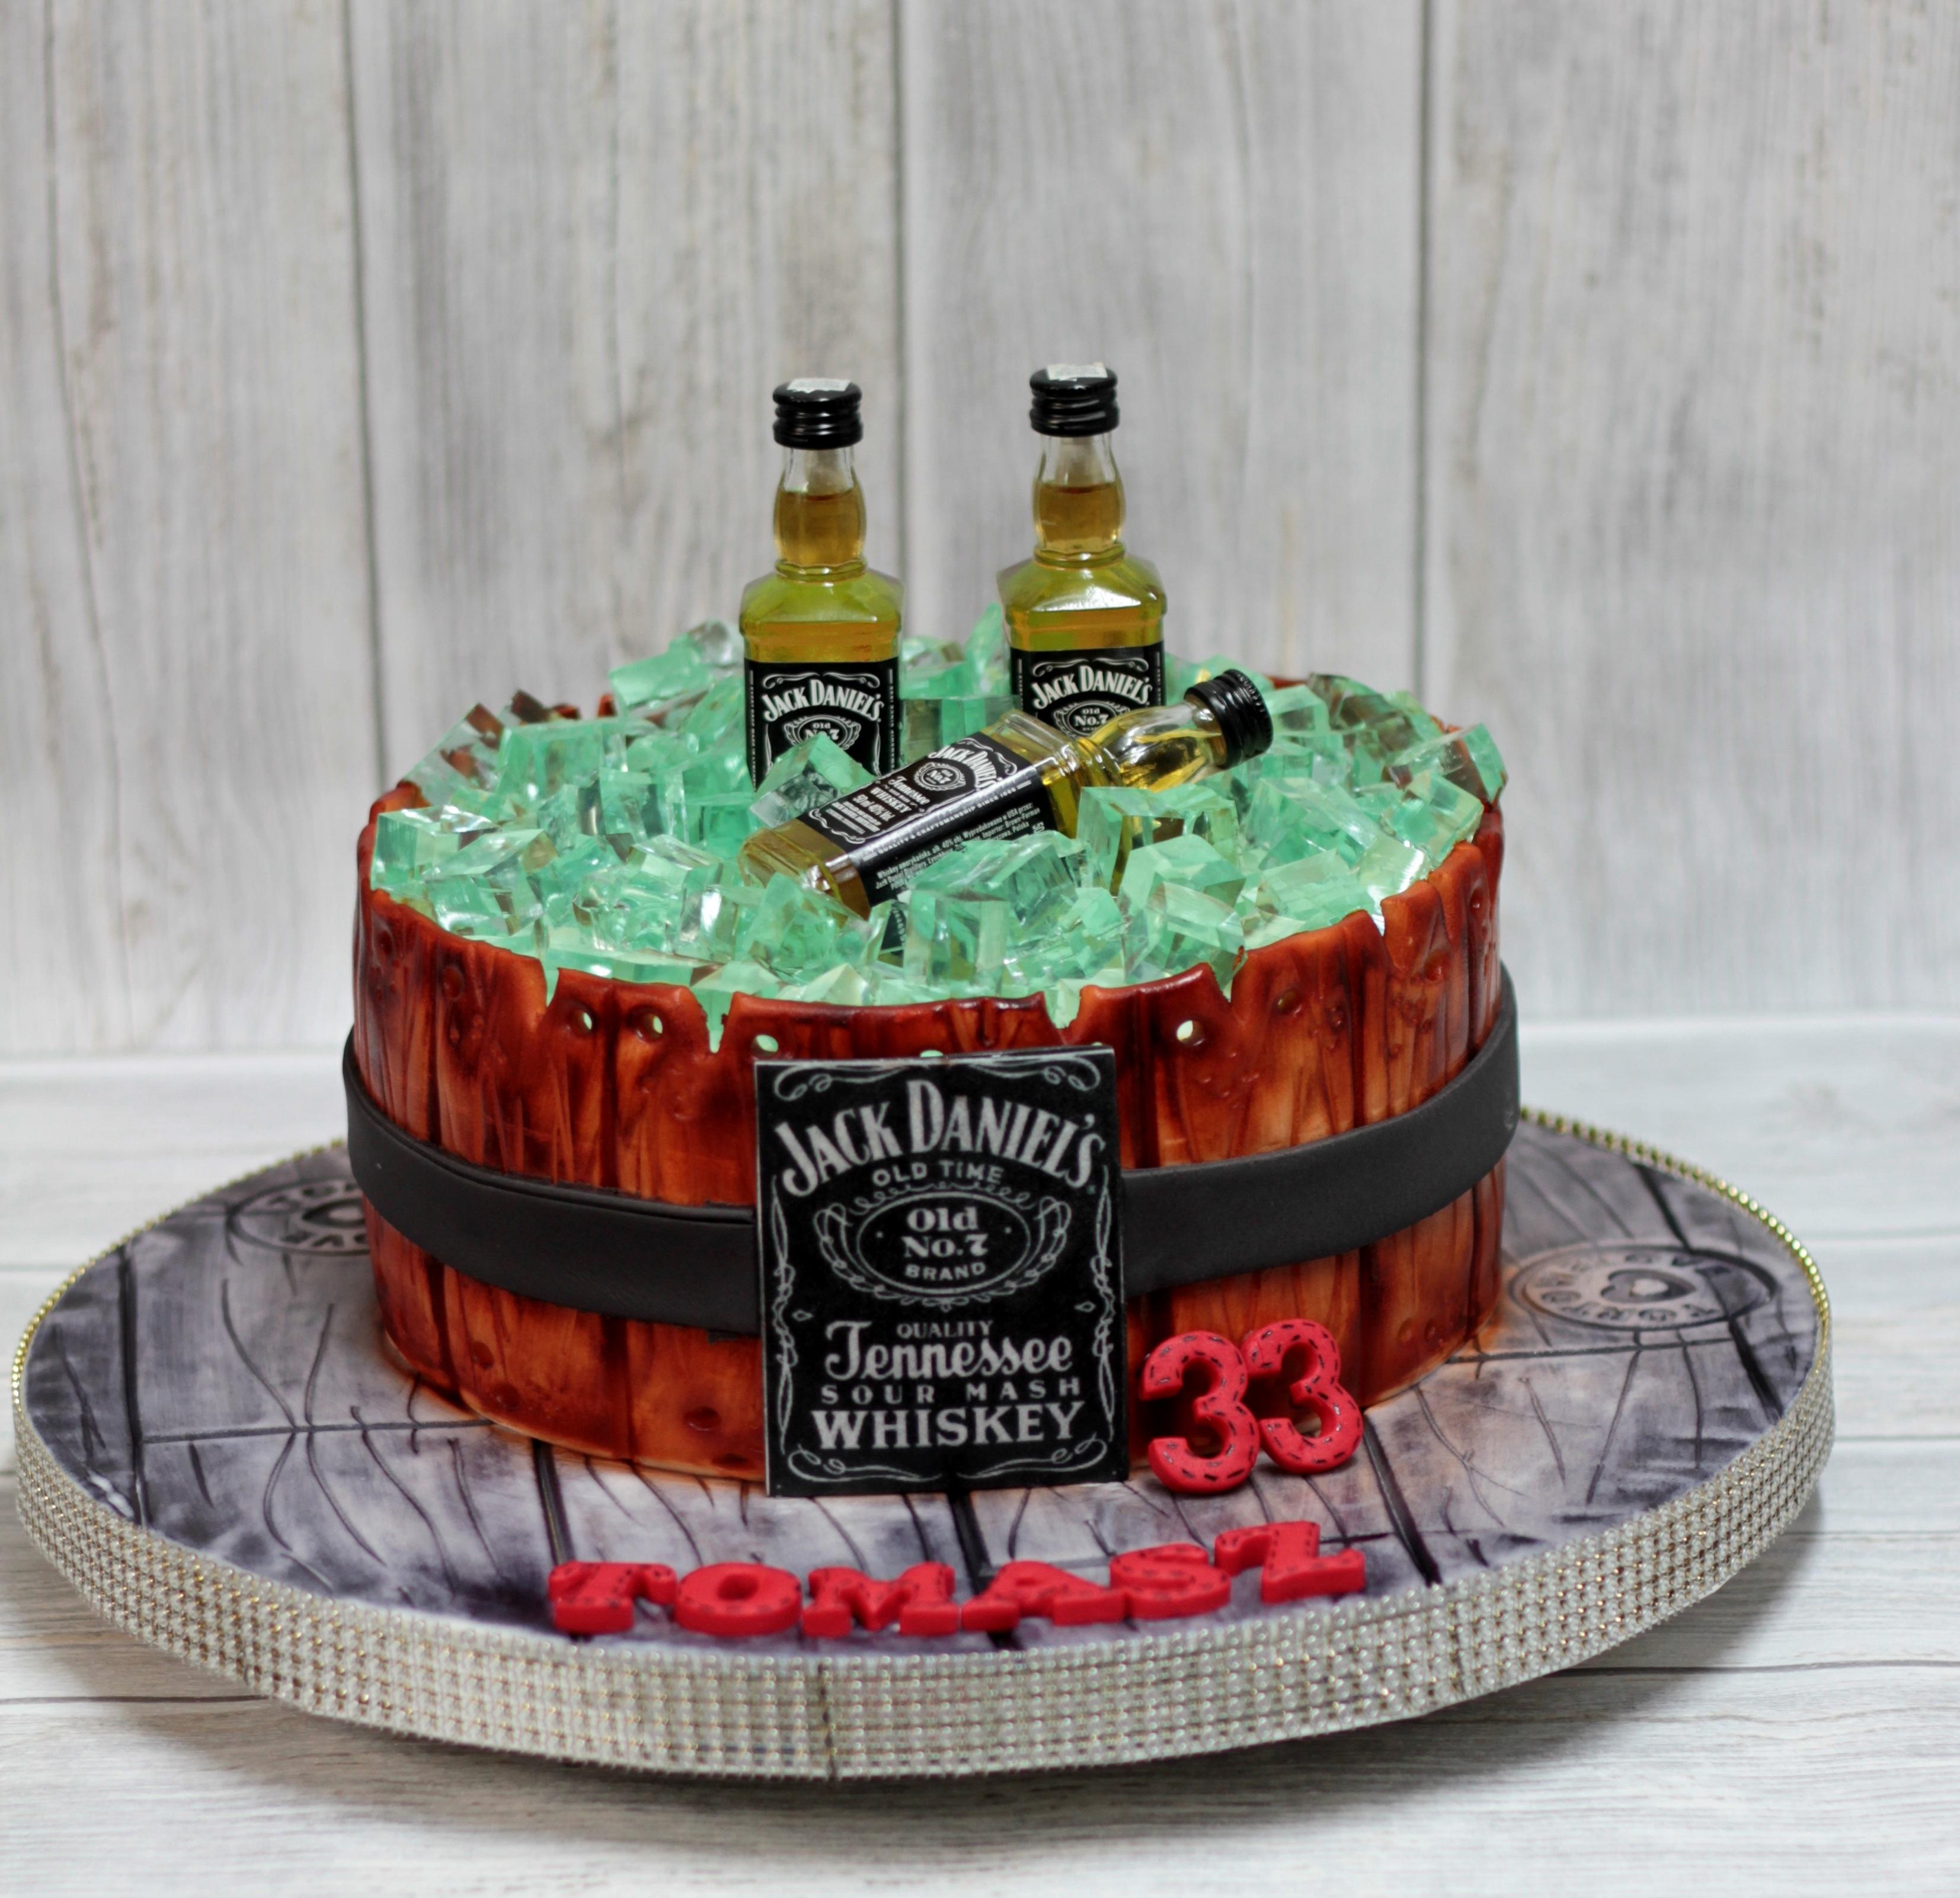 fotos gratis creativo decoracin comida botella postre alcohol pastel de cumpleaos pastel de chocolate comiendo formacin de hielo